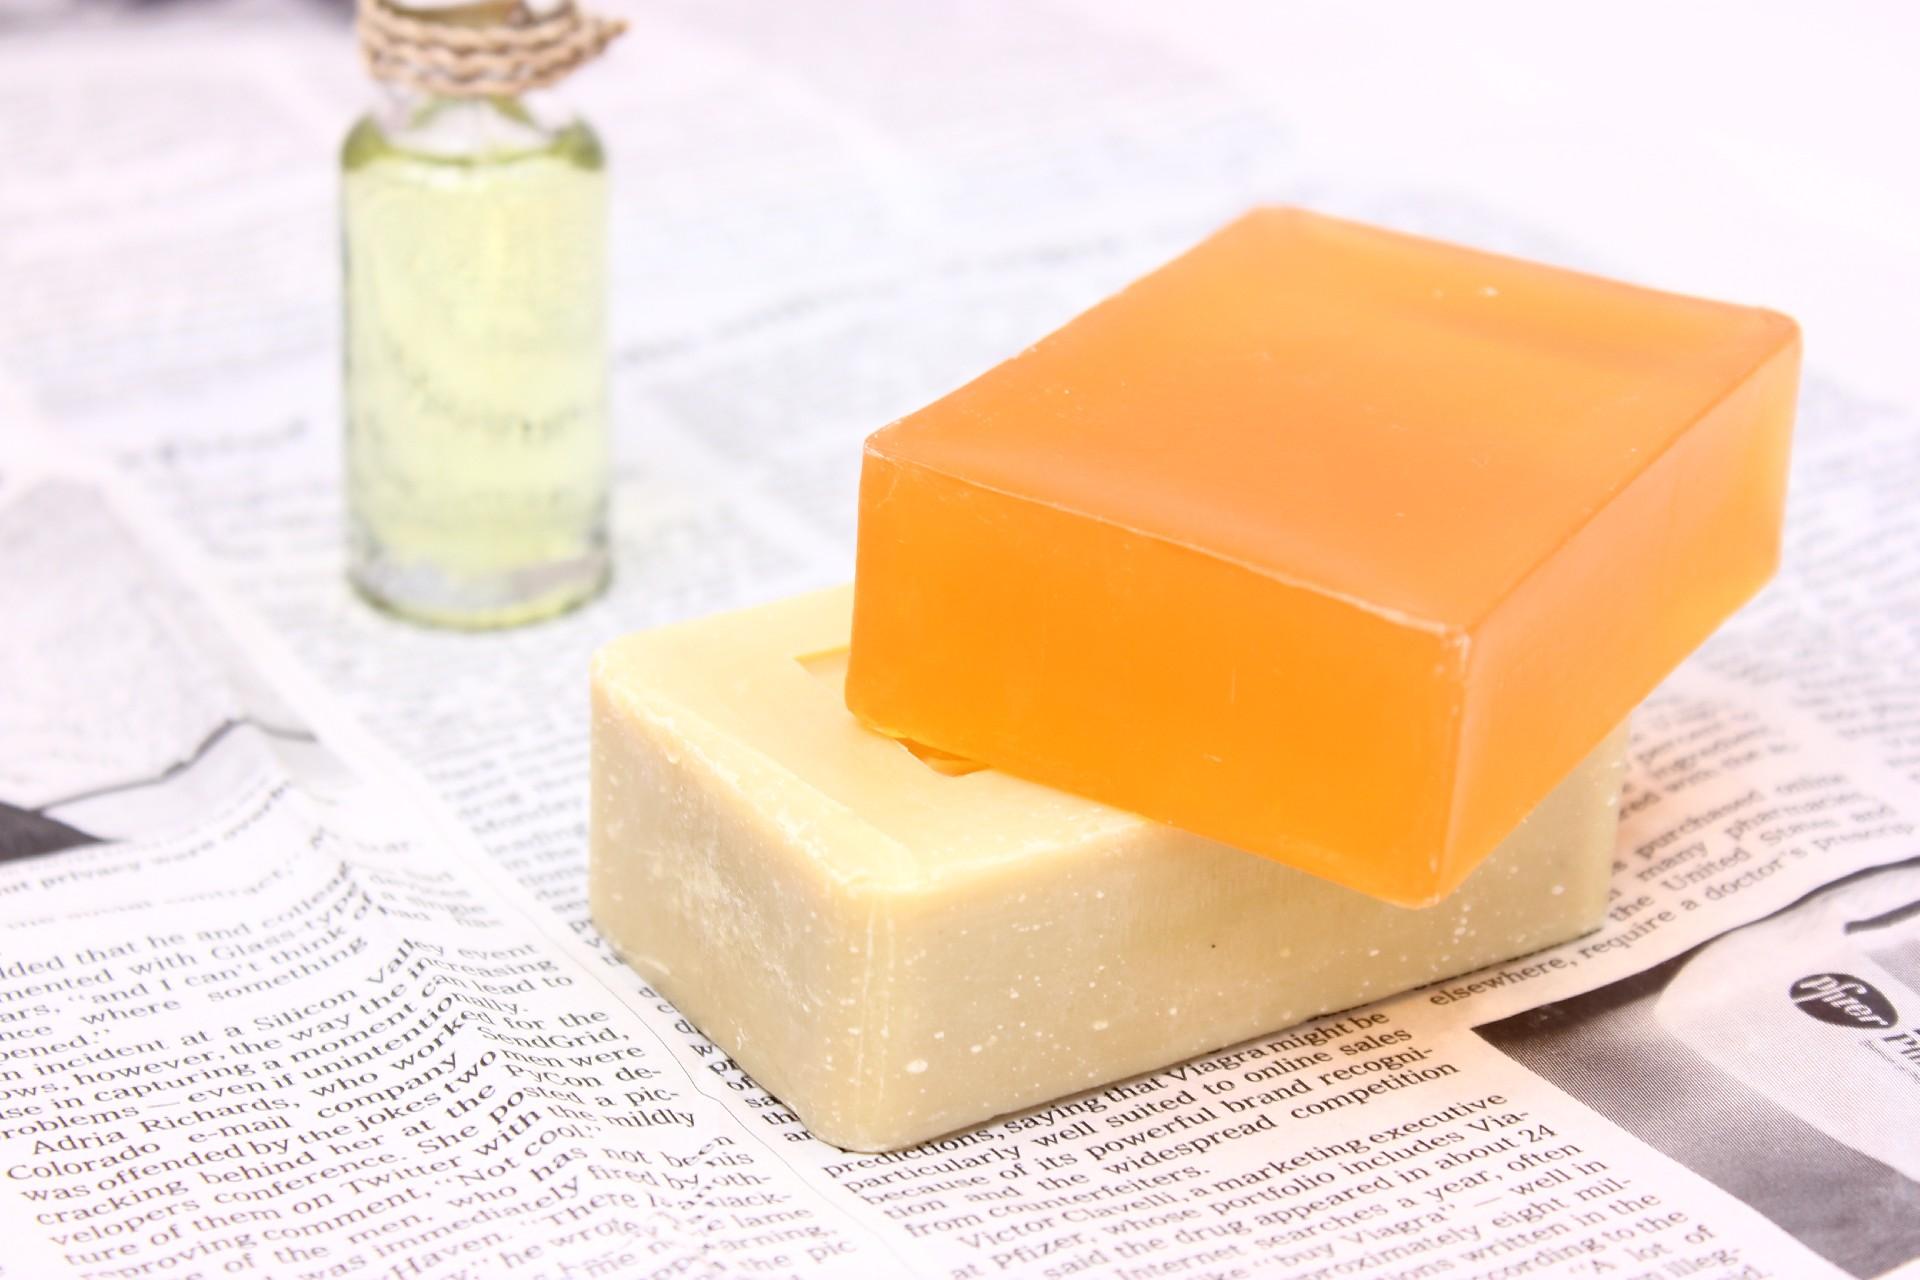 何もしないのが一番?!体を洗わない入浴法でキレイになれる?!のサムネイル画像